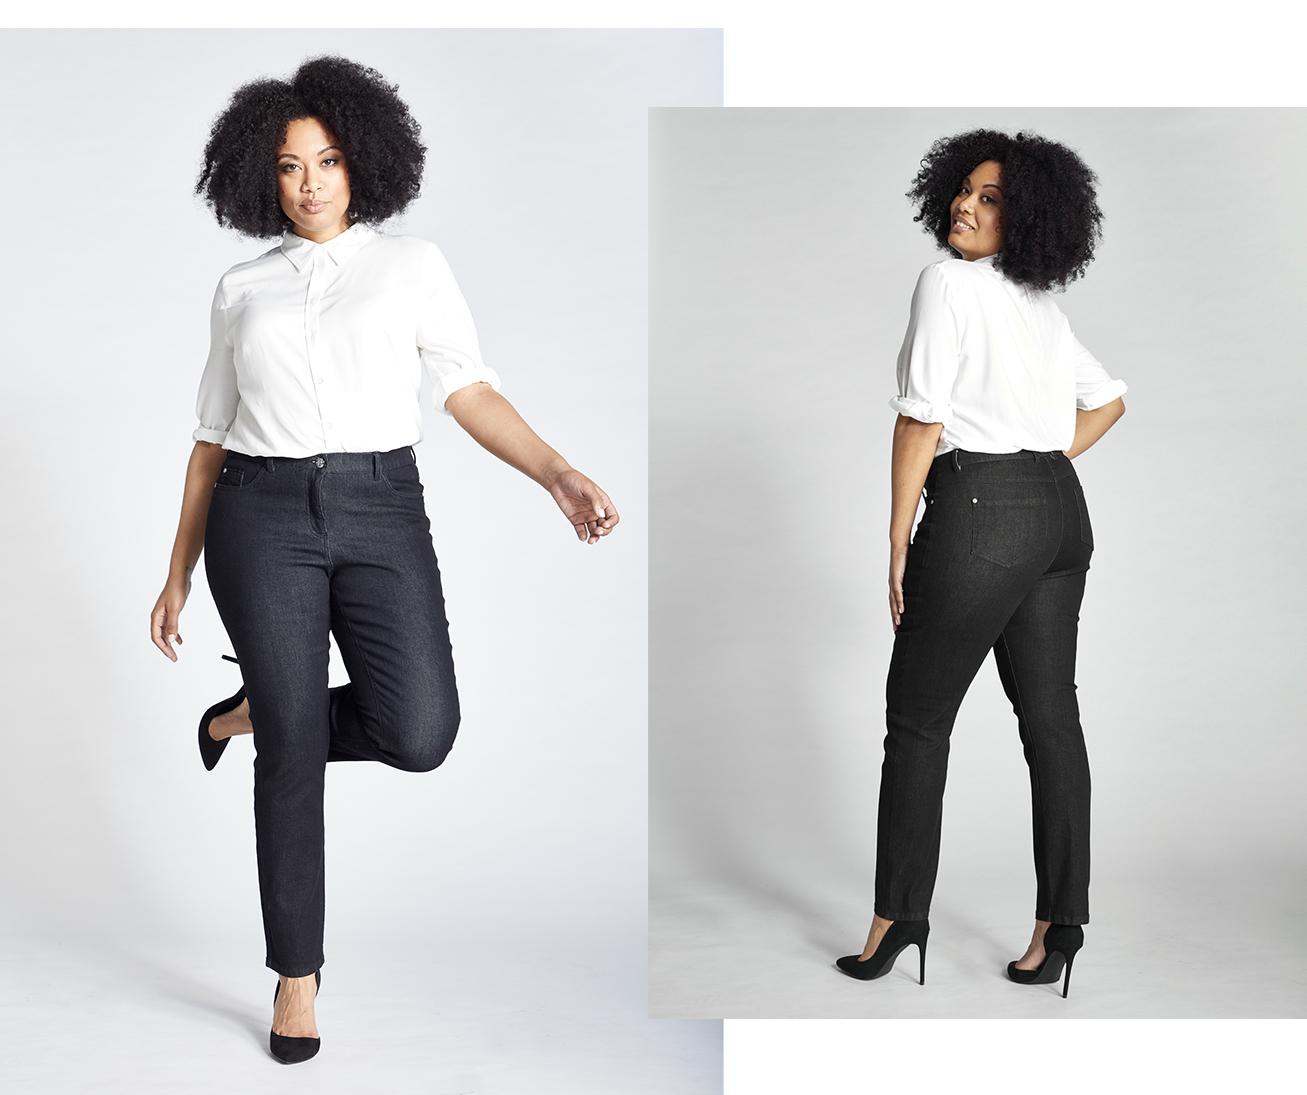 jeans-for-short-women